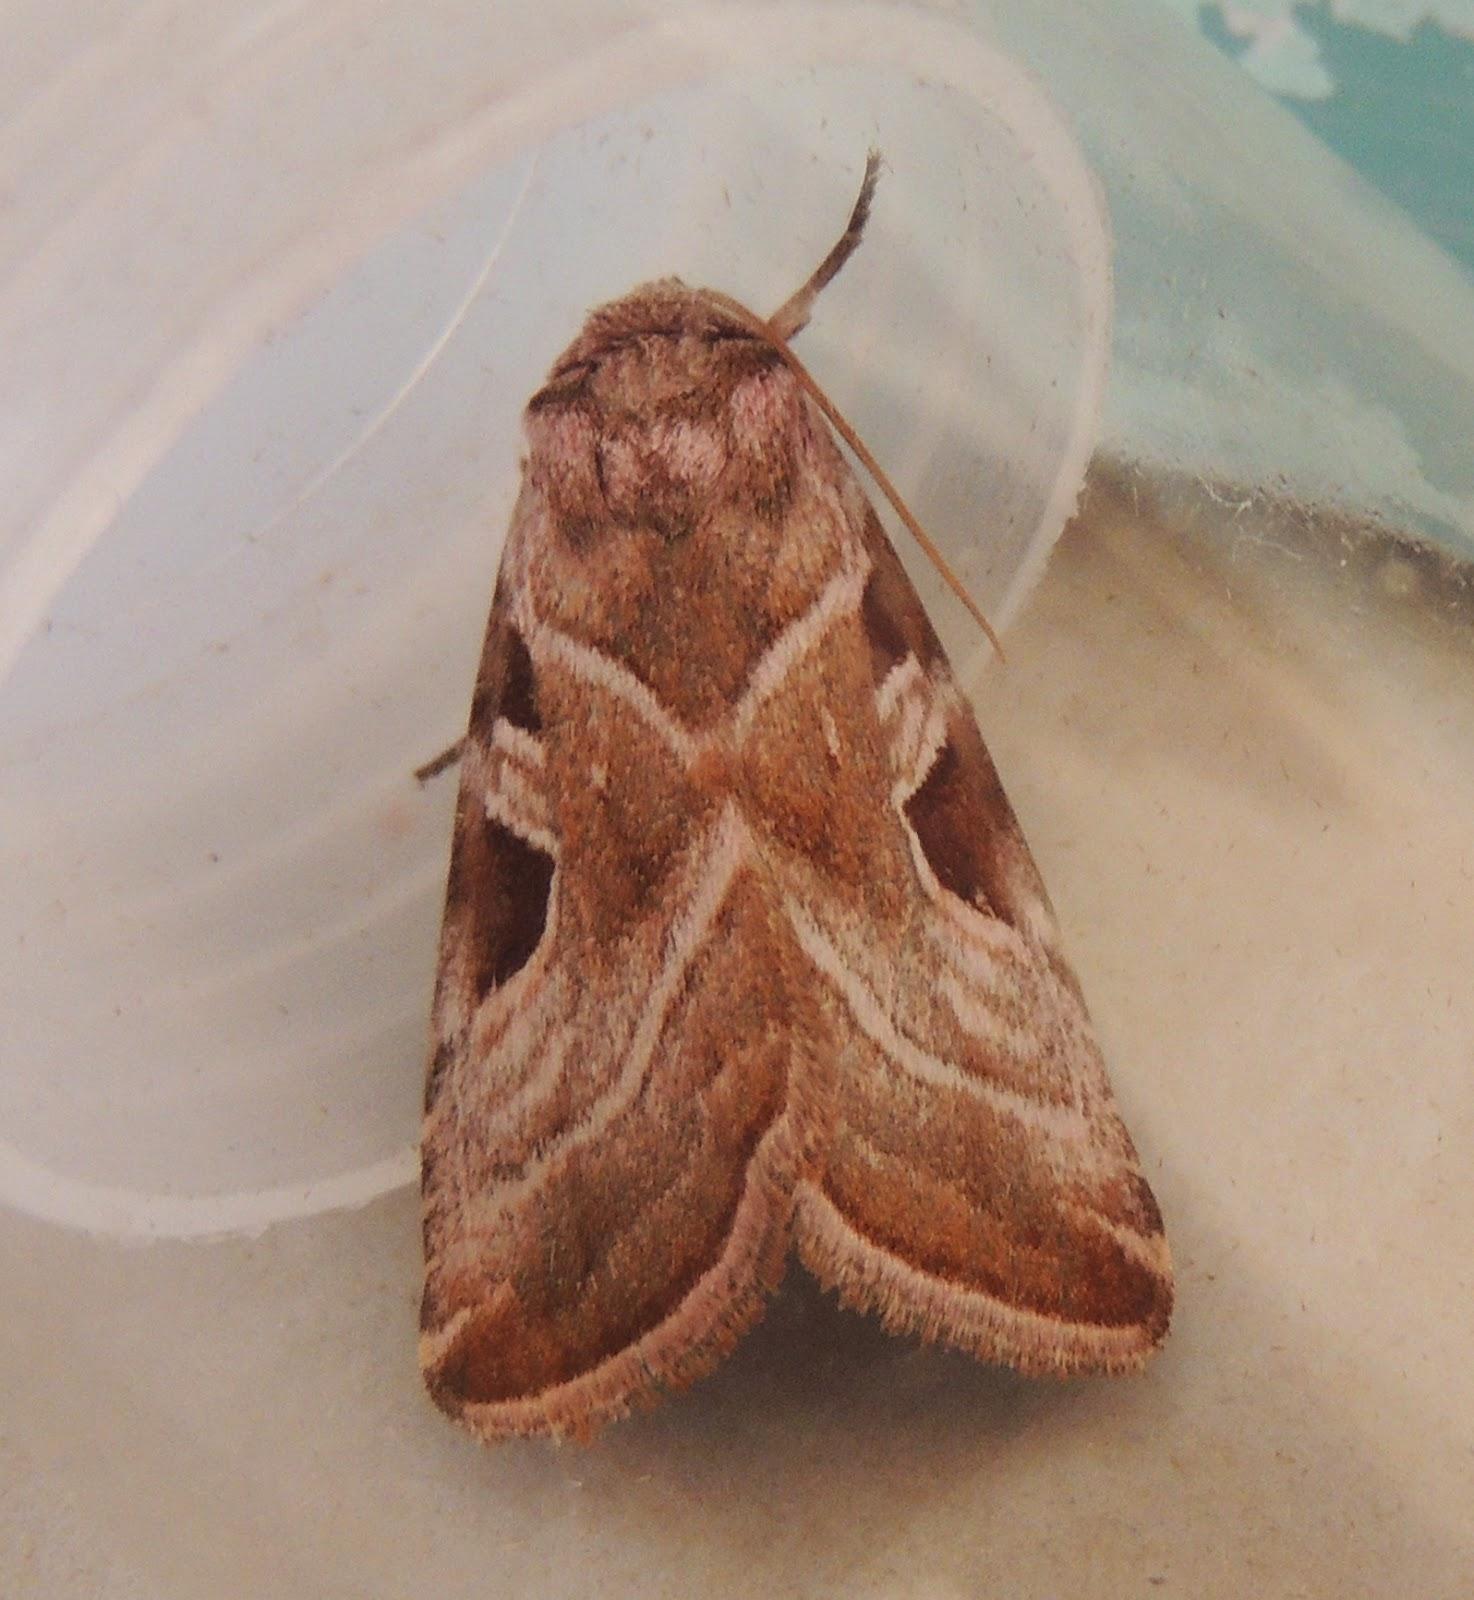 Gary\'s Birding Blog: Butterflies and a Moth (Camberwell Beauty)